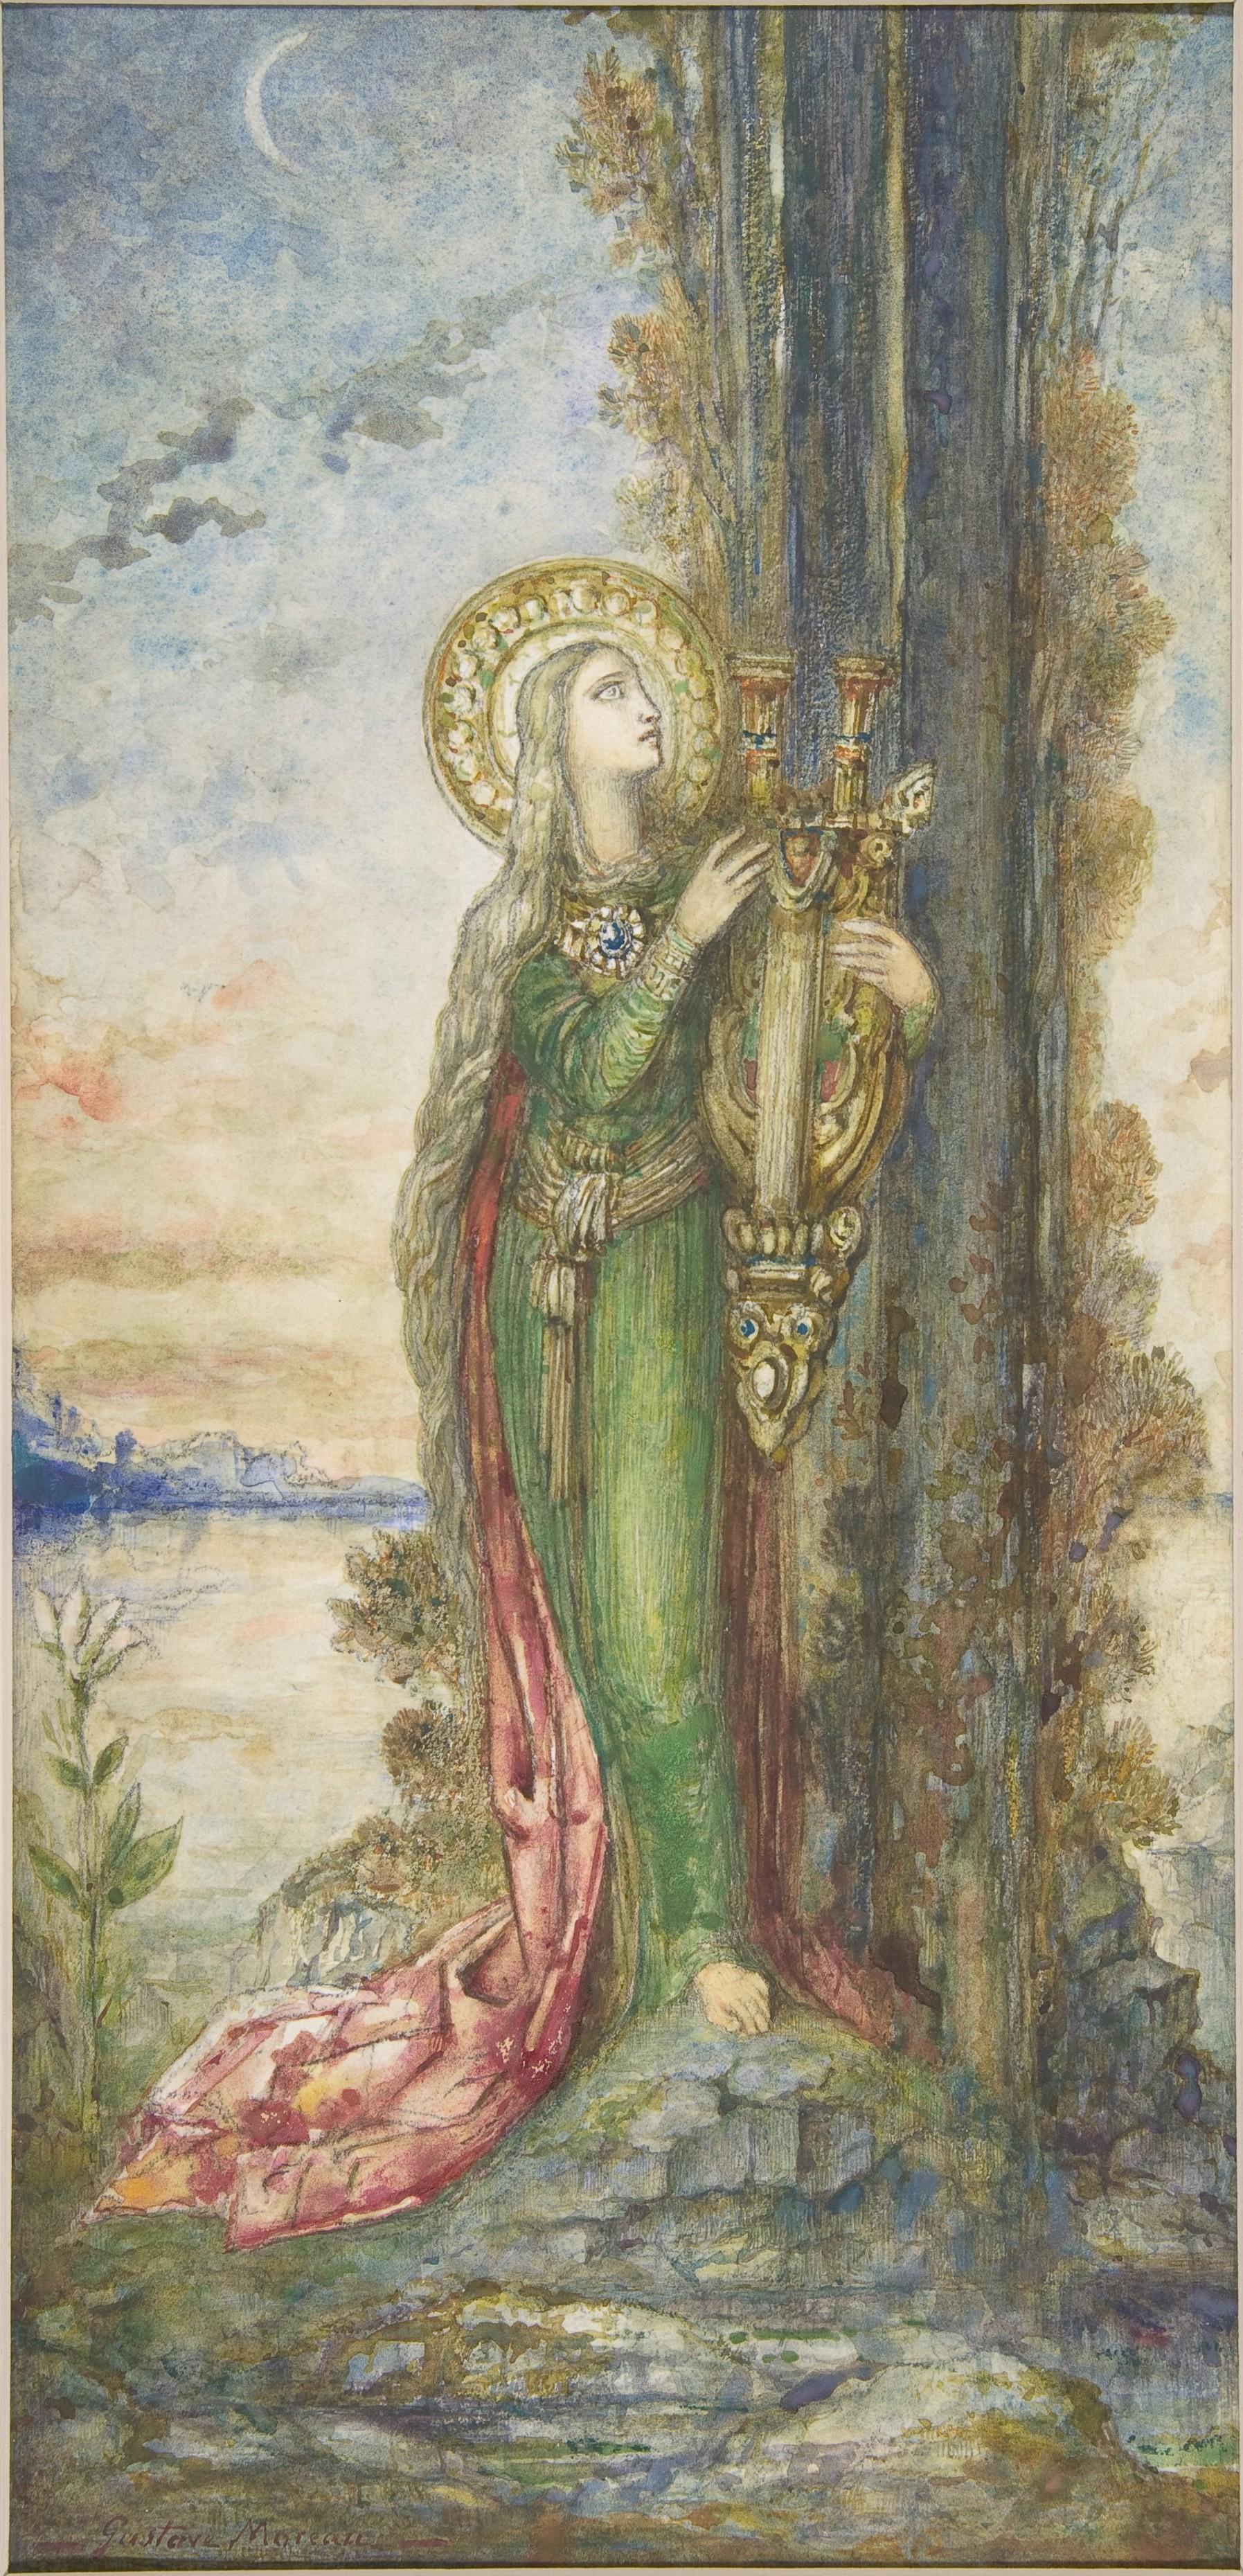 1890-1895_Святая Цецилия (33.8 х 16.2 см) (акварель и гуашь поверх графитного рисунка) (Нью-Йорк, Метрополитен)